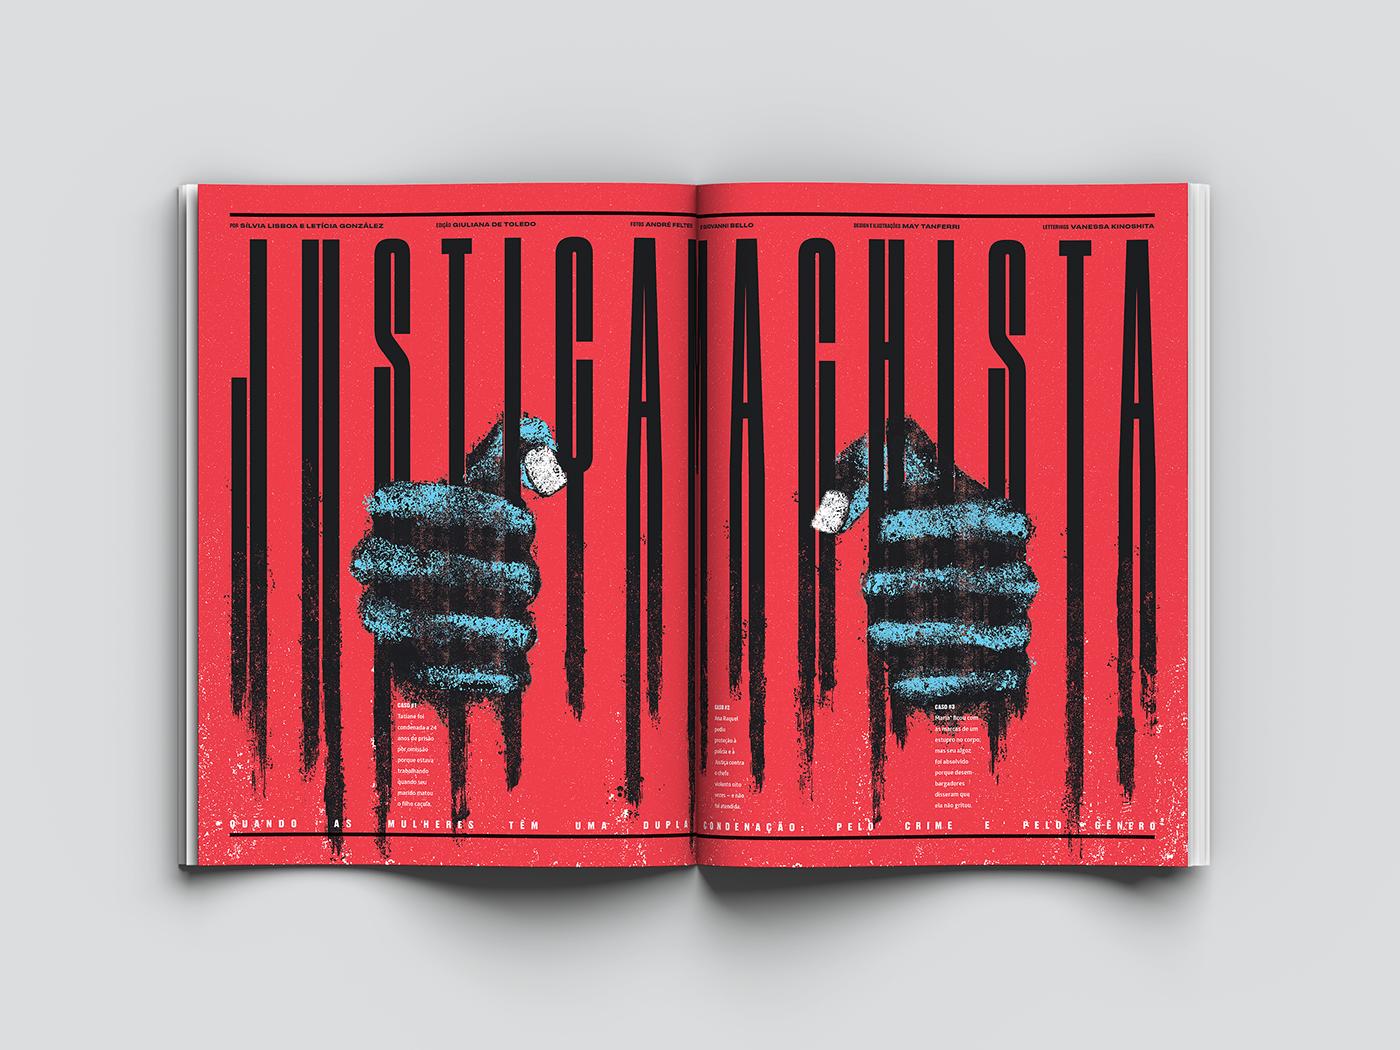 高質感的26個雜誌文字排版欣賞